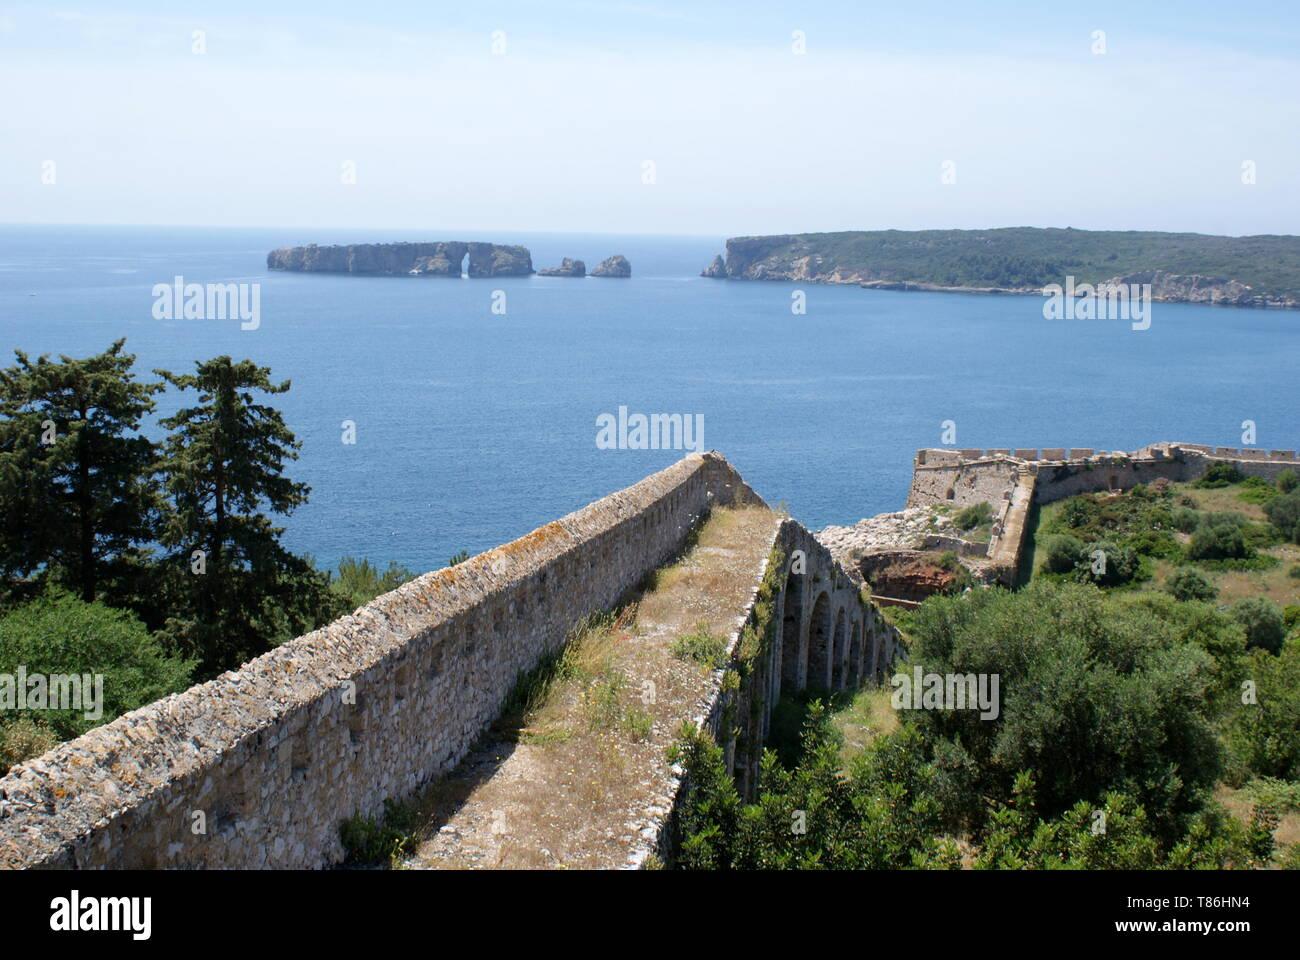 Des murs du château et la baie de Navarin Niokastro, Pylos, Péloponnèse, Grèce Banque D'Images